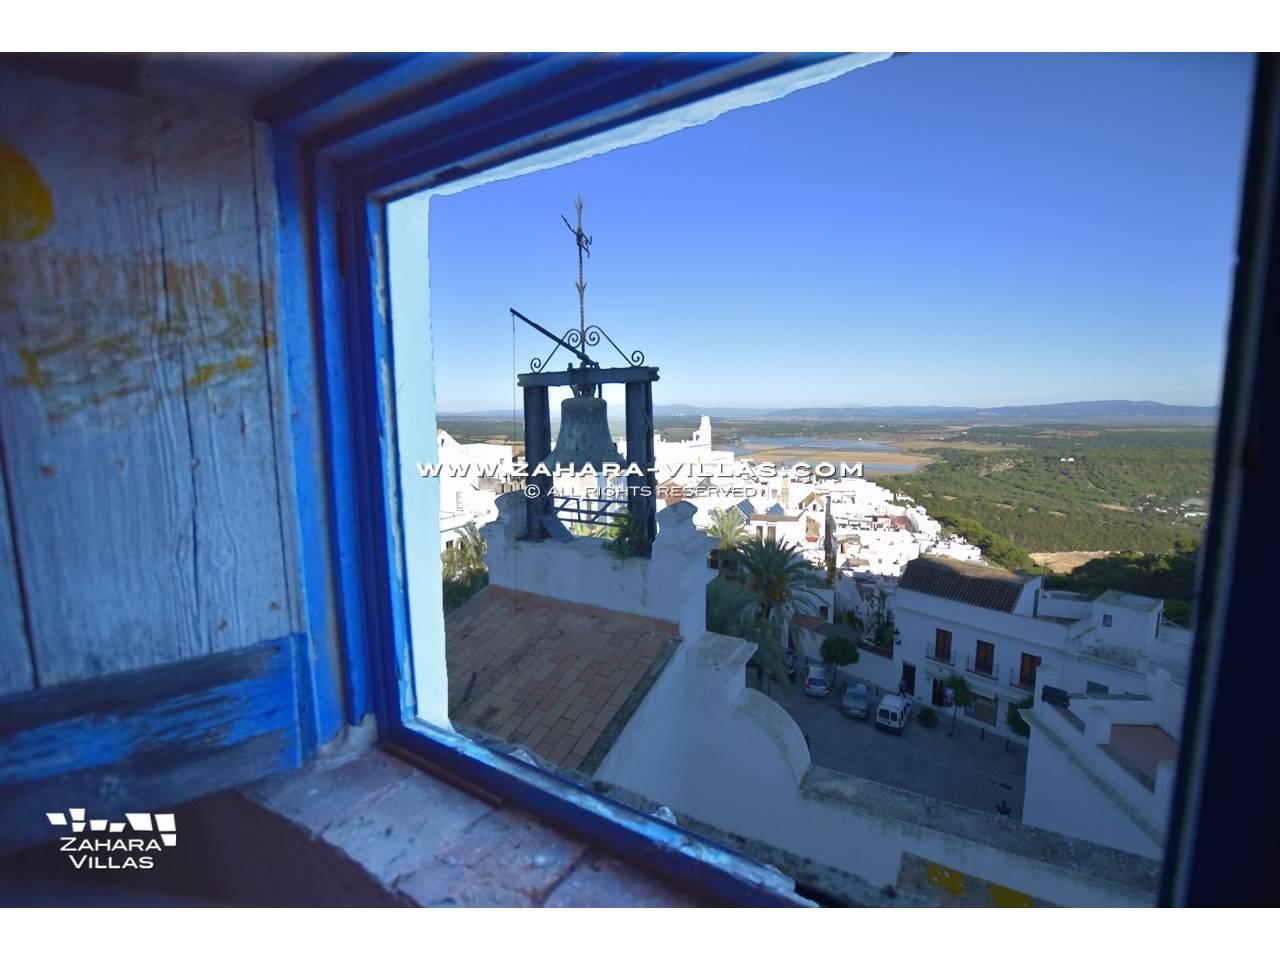 Imagen REF.000651 ubicada en Vejer de la Frontera